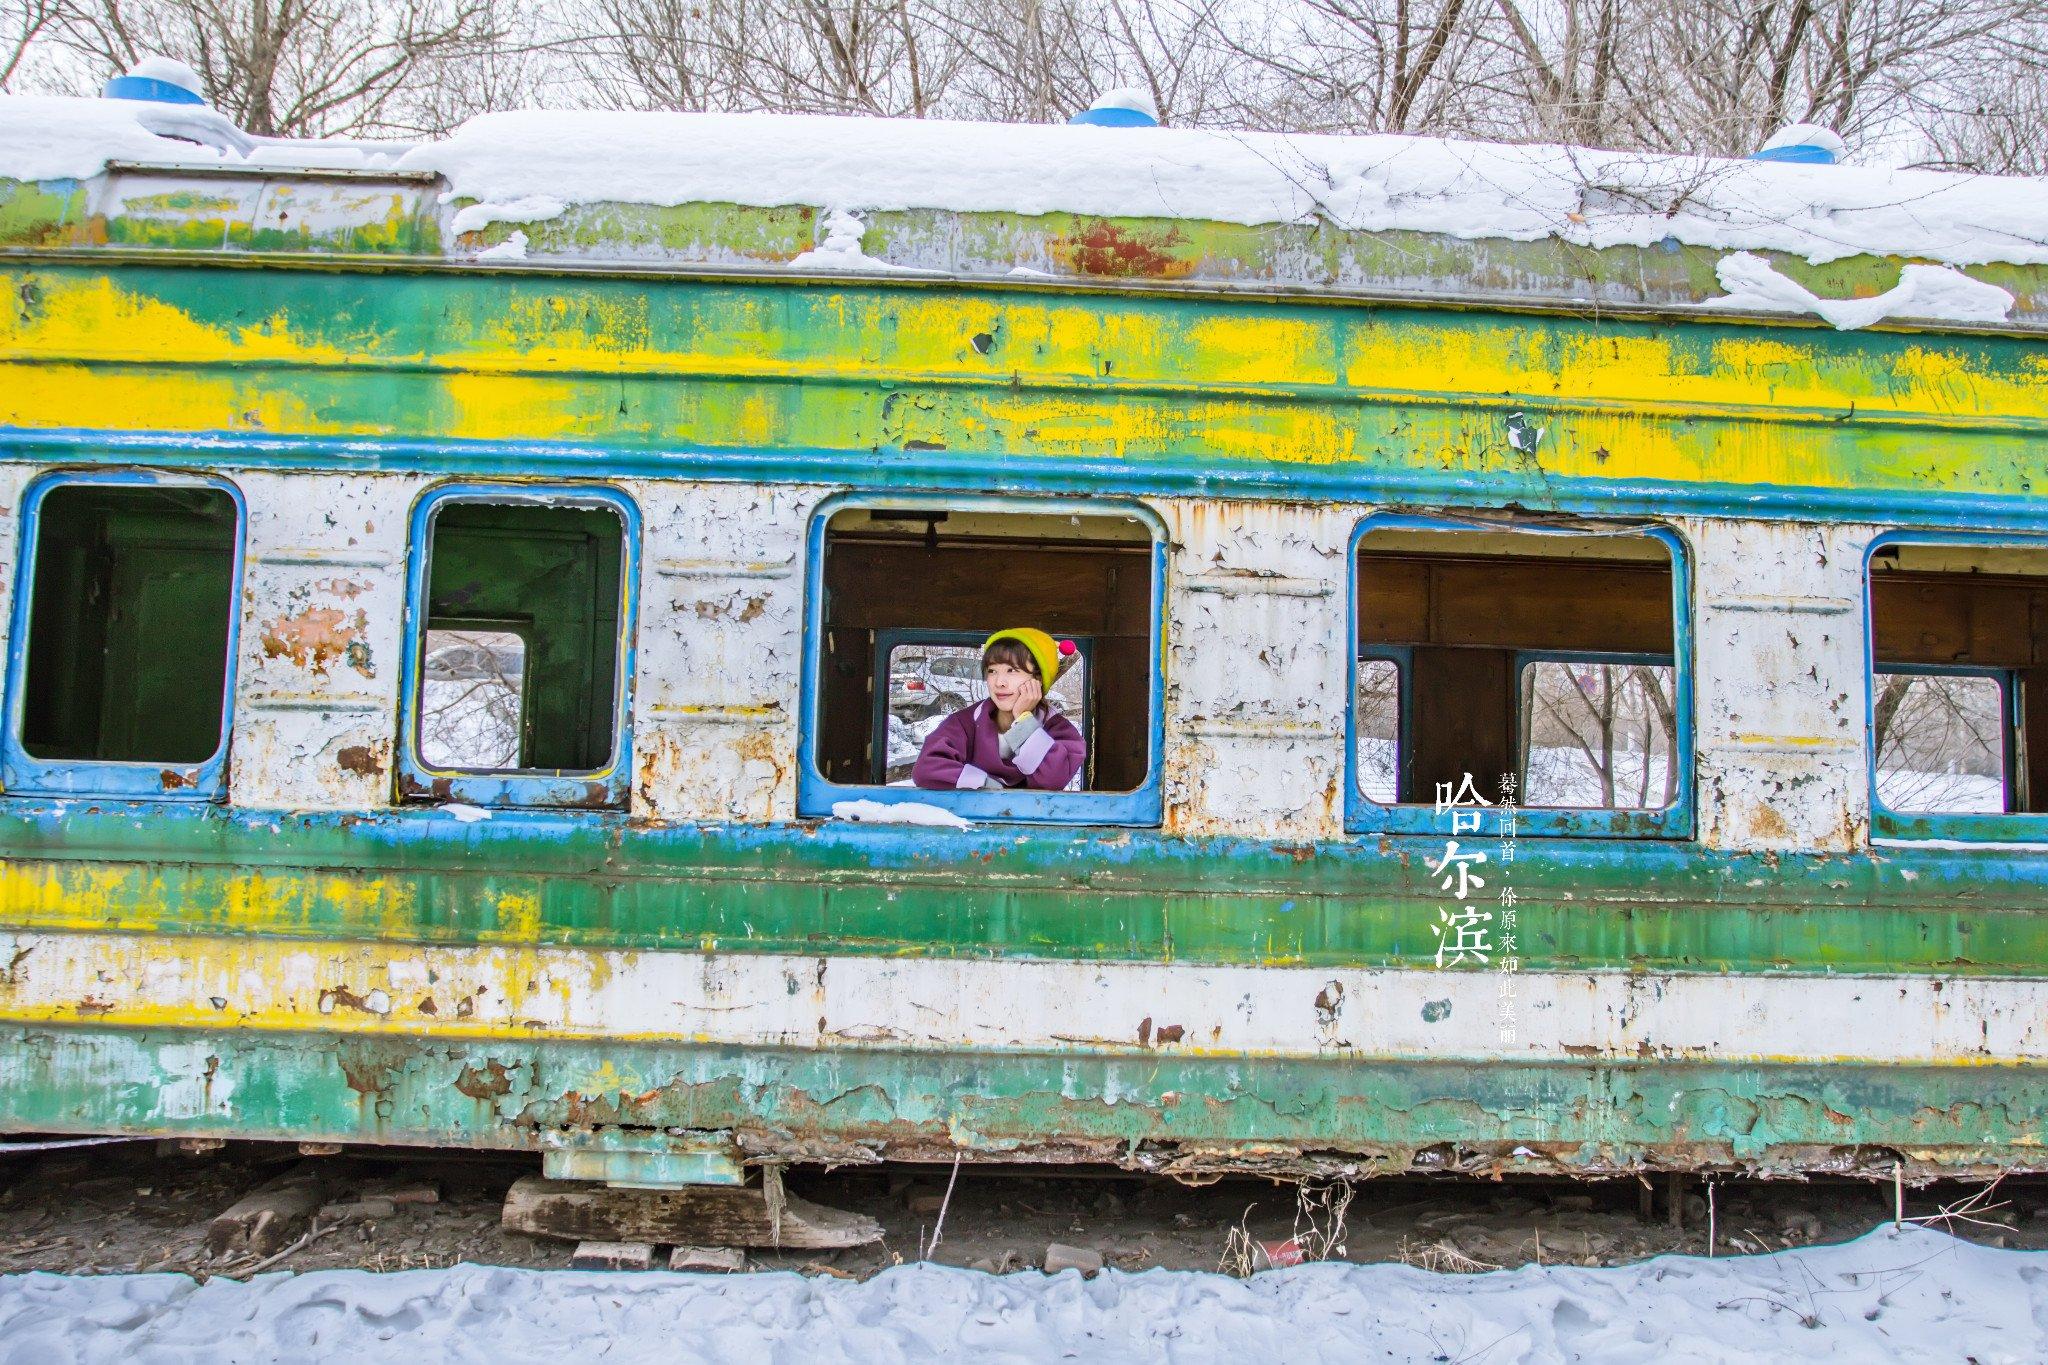 哈尔滨—蓦然回首,你原来如此美丽